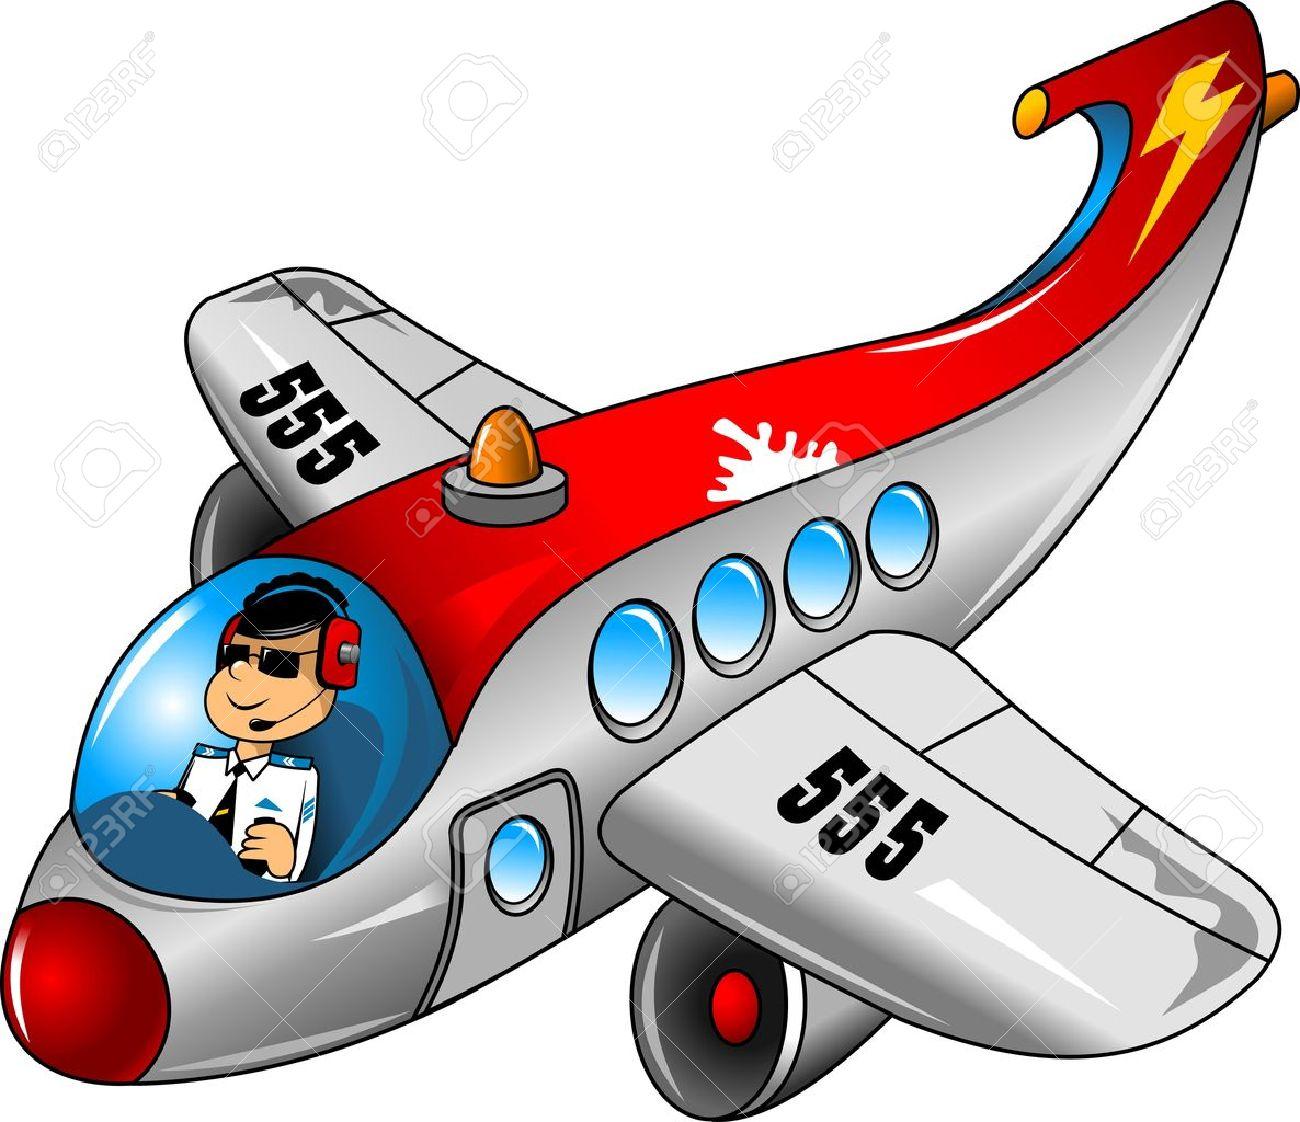 детей для картинки летчик самолете в